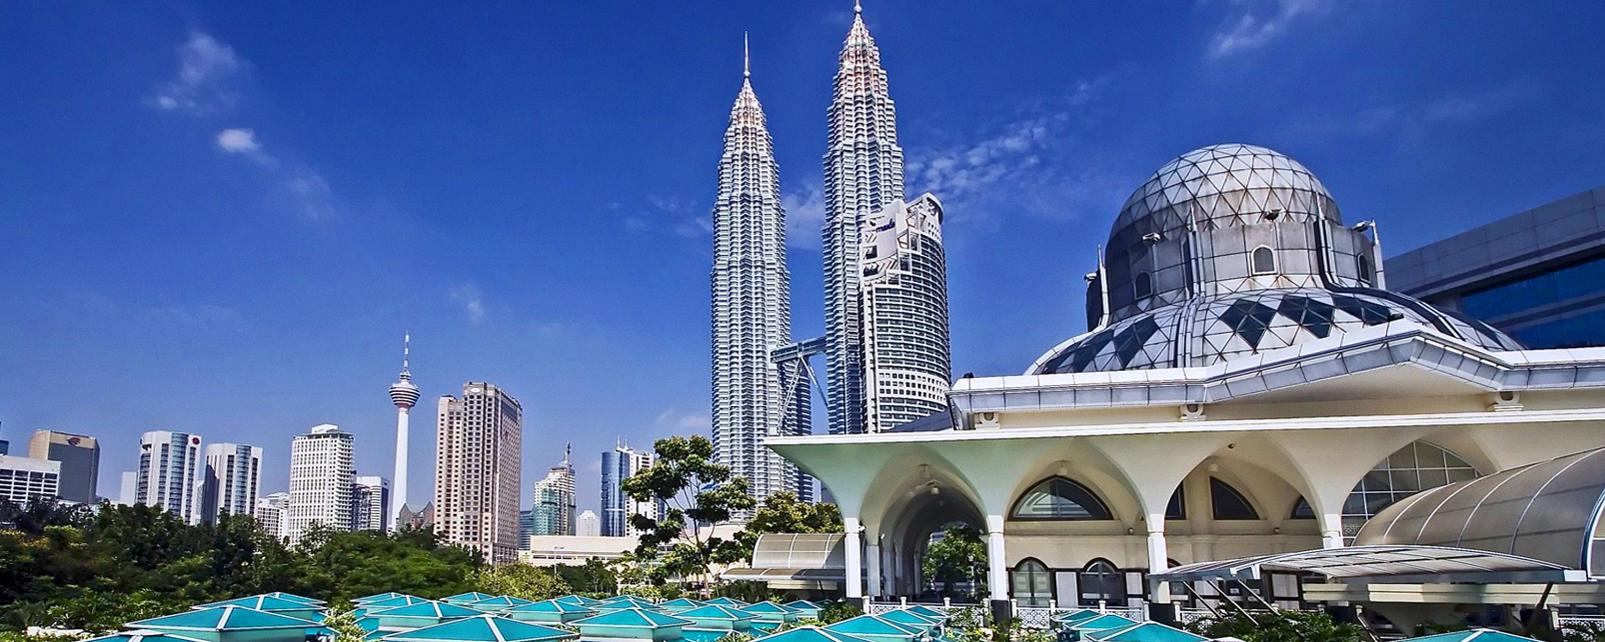 guide de voyage pour des vacances en malaisie easyvoyage. Black Bedroom Furniture Sets. Home Design Ideas